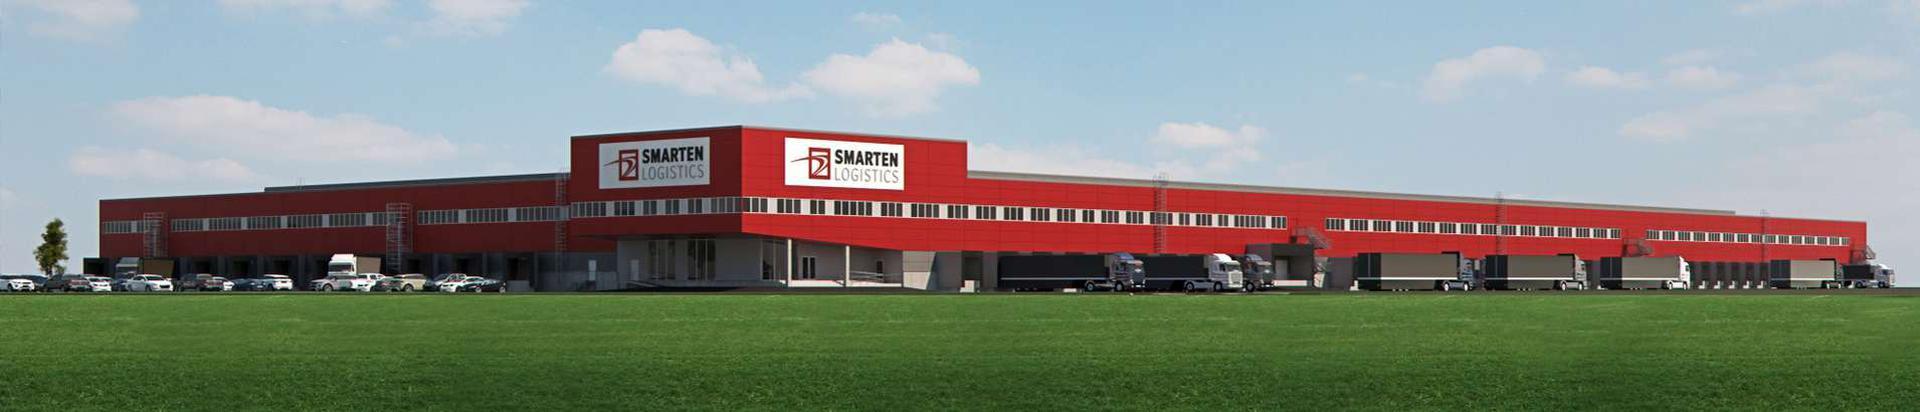 10097532_smarten-logistics-as_45022753_xl.jpg